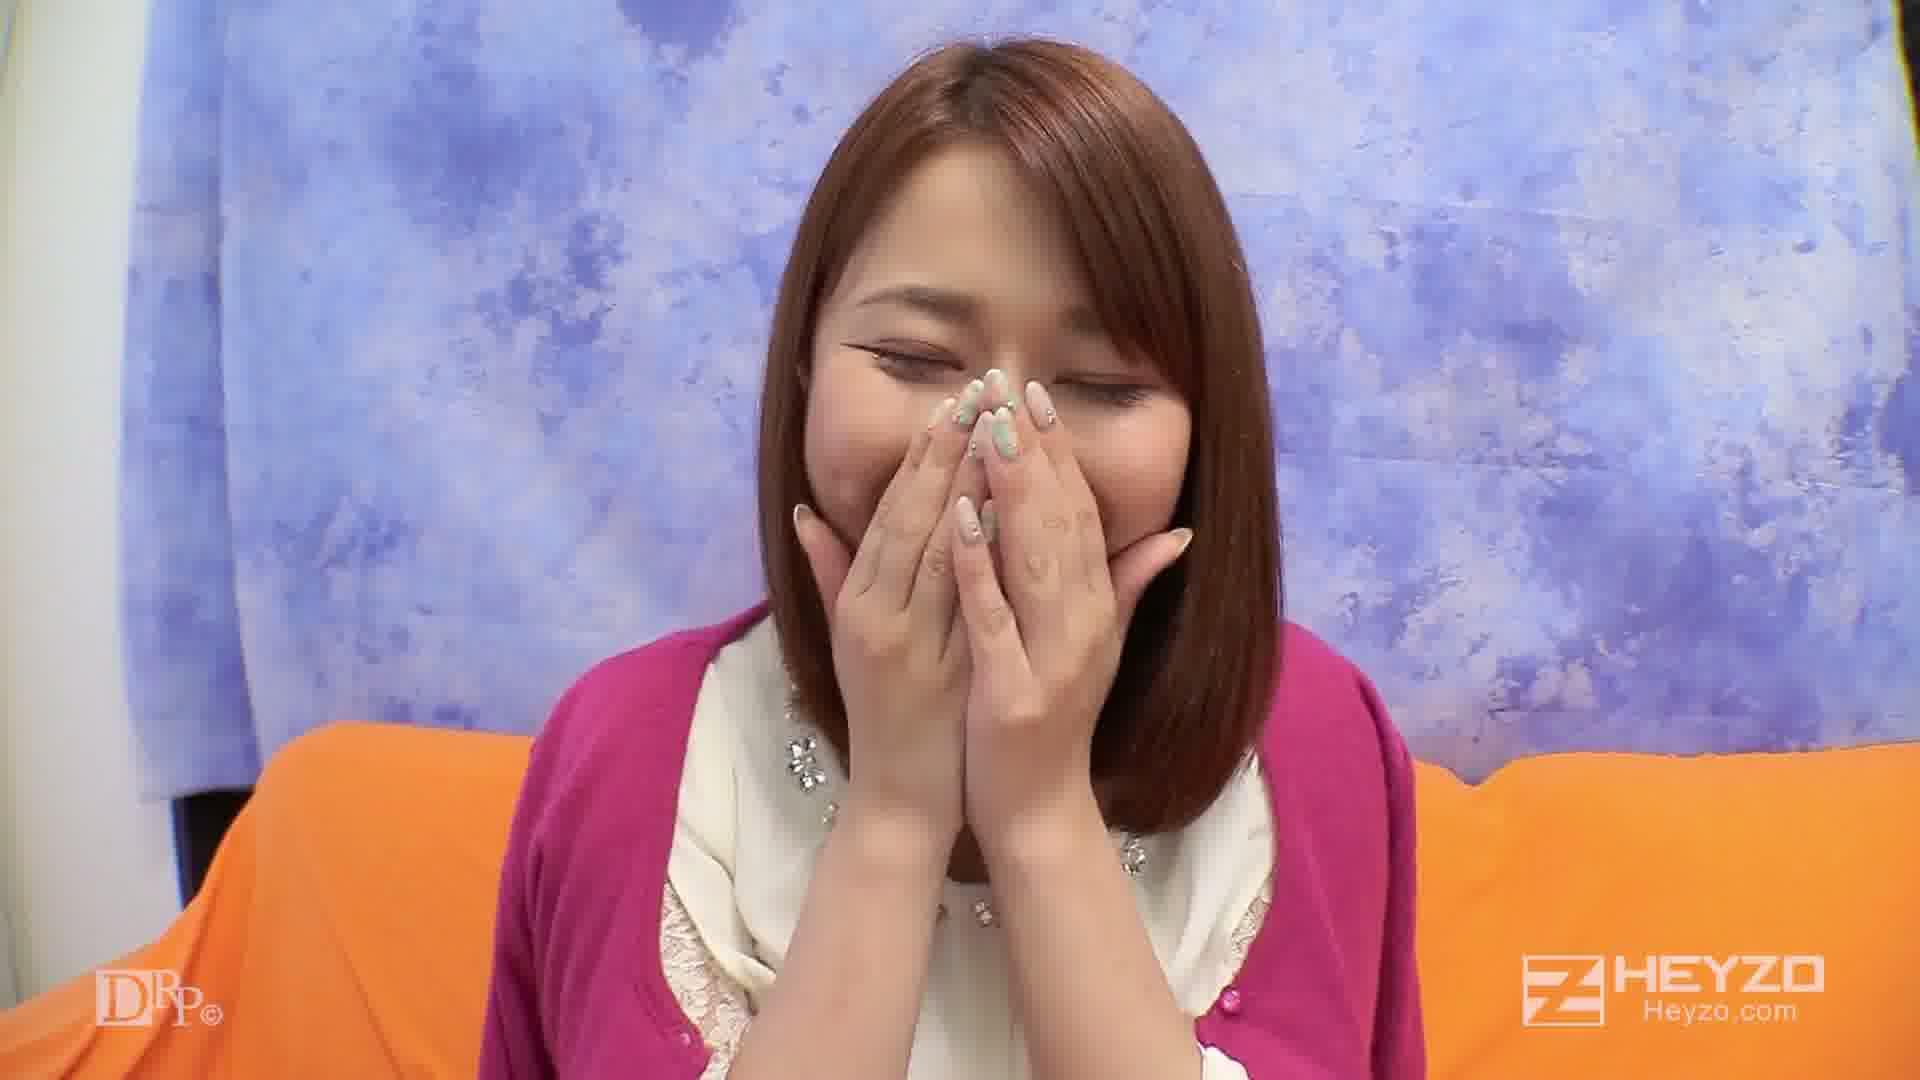 キャリアウーマンの渇き~オトコに飢えた女経営者~ - 遥とわ【脱ぎ おっぱい M字開脚 オナニー】